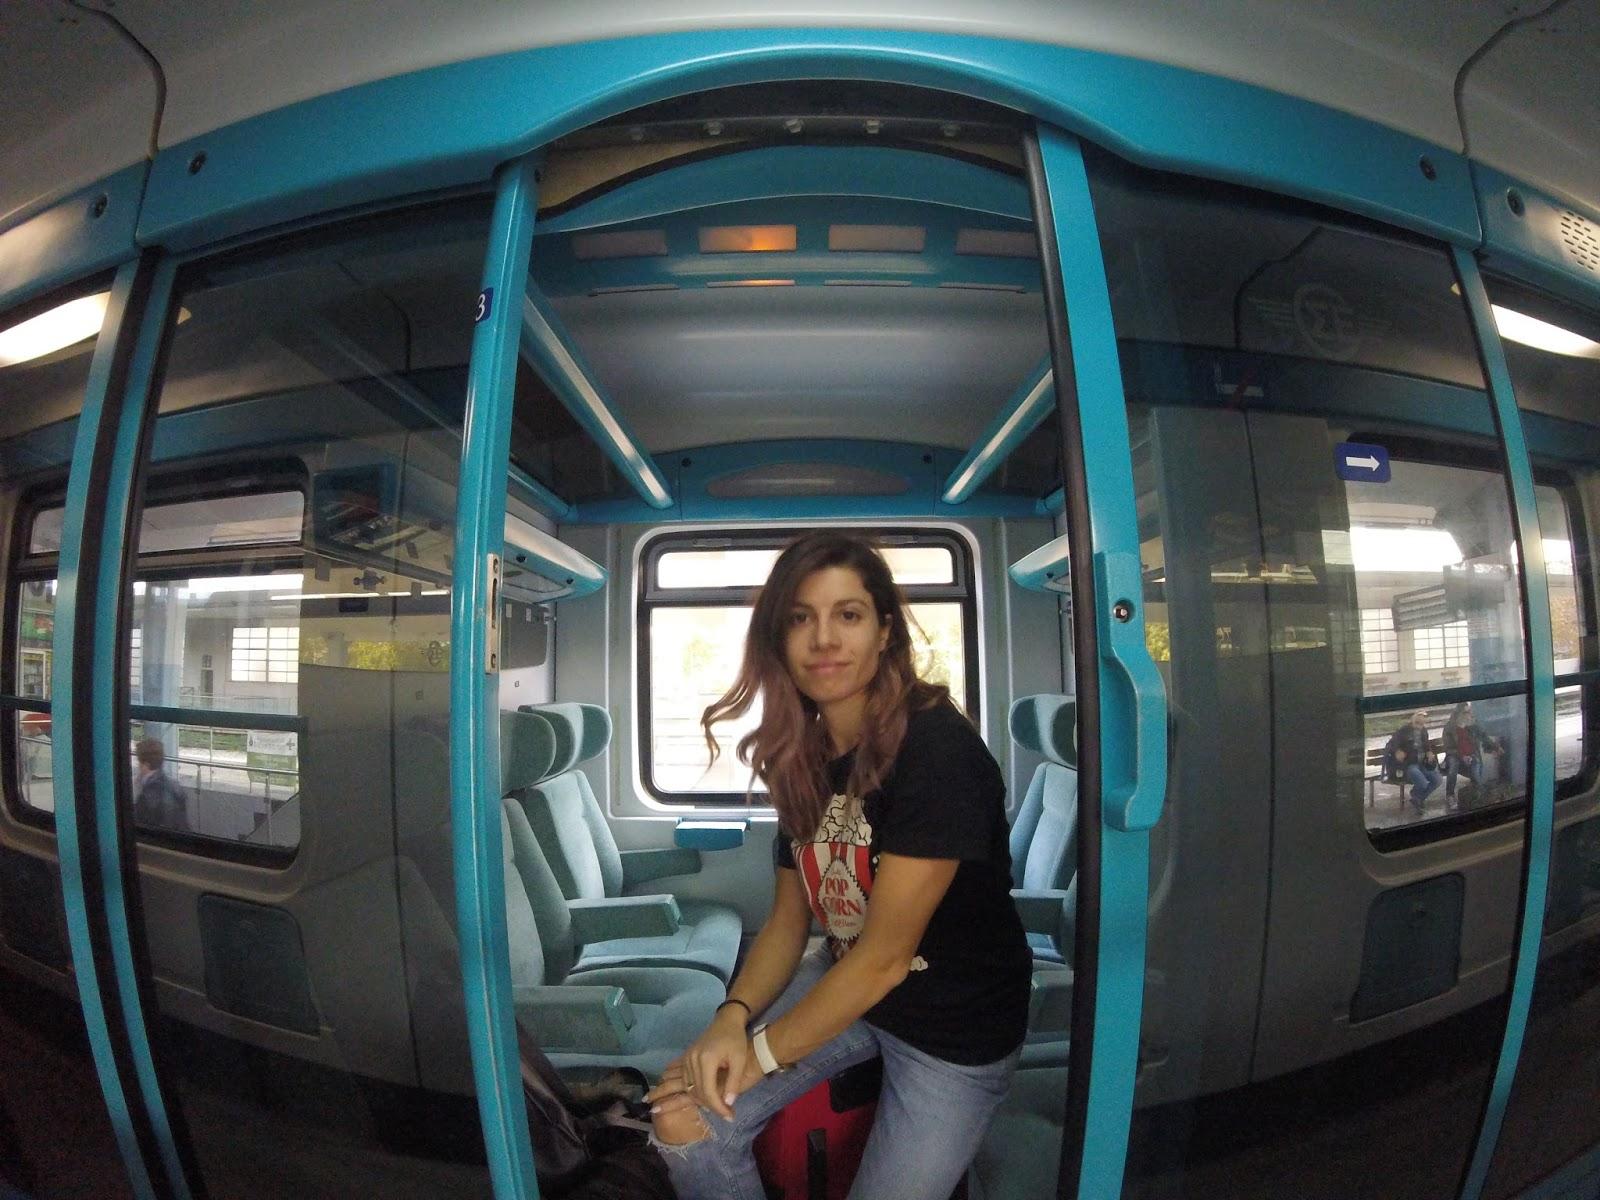 Αποτέλεσμα εικόνας για Αθήνα - Θεσσαλονίκη με τρένο